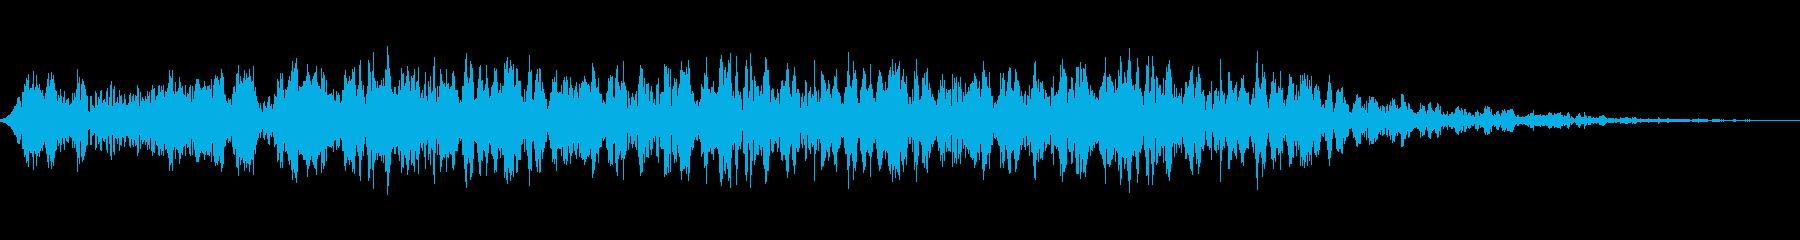 進化する変換金属モーフィングの再生済みの波形